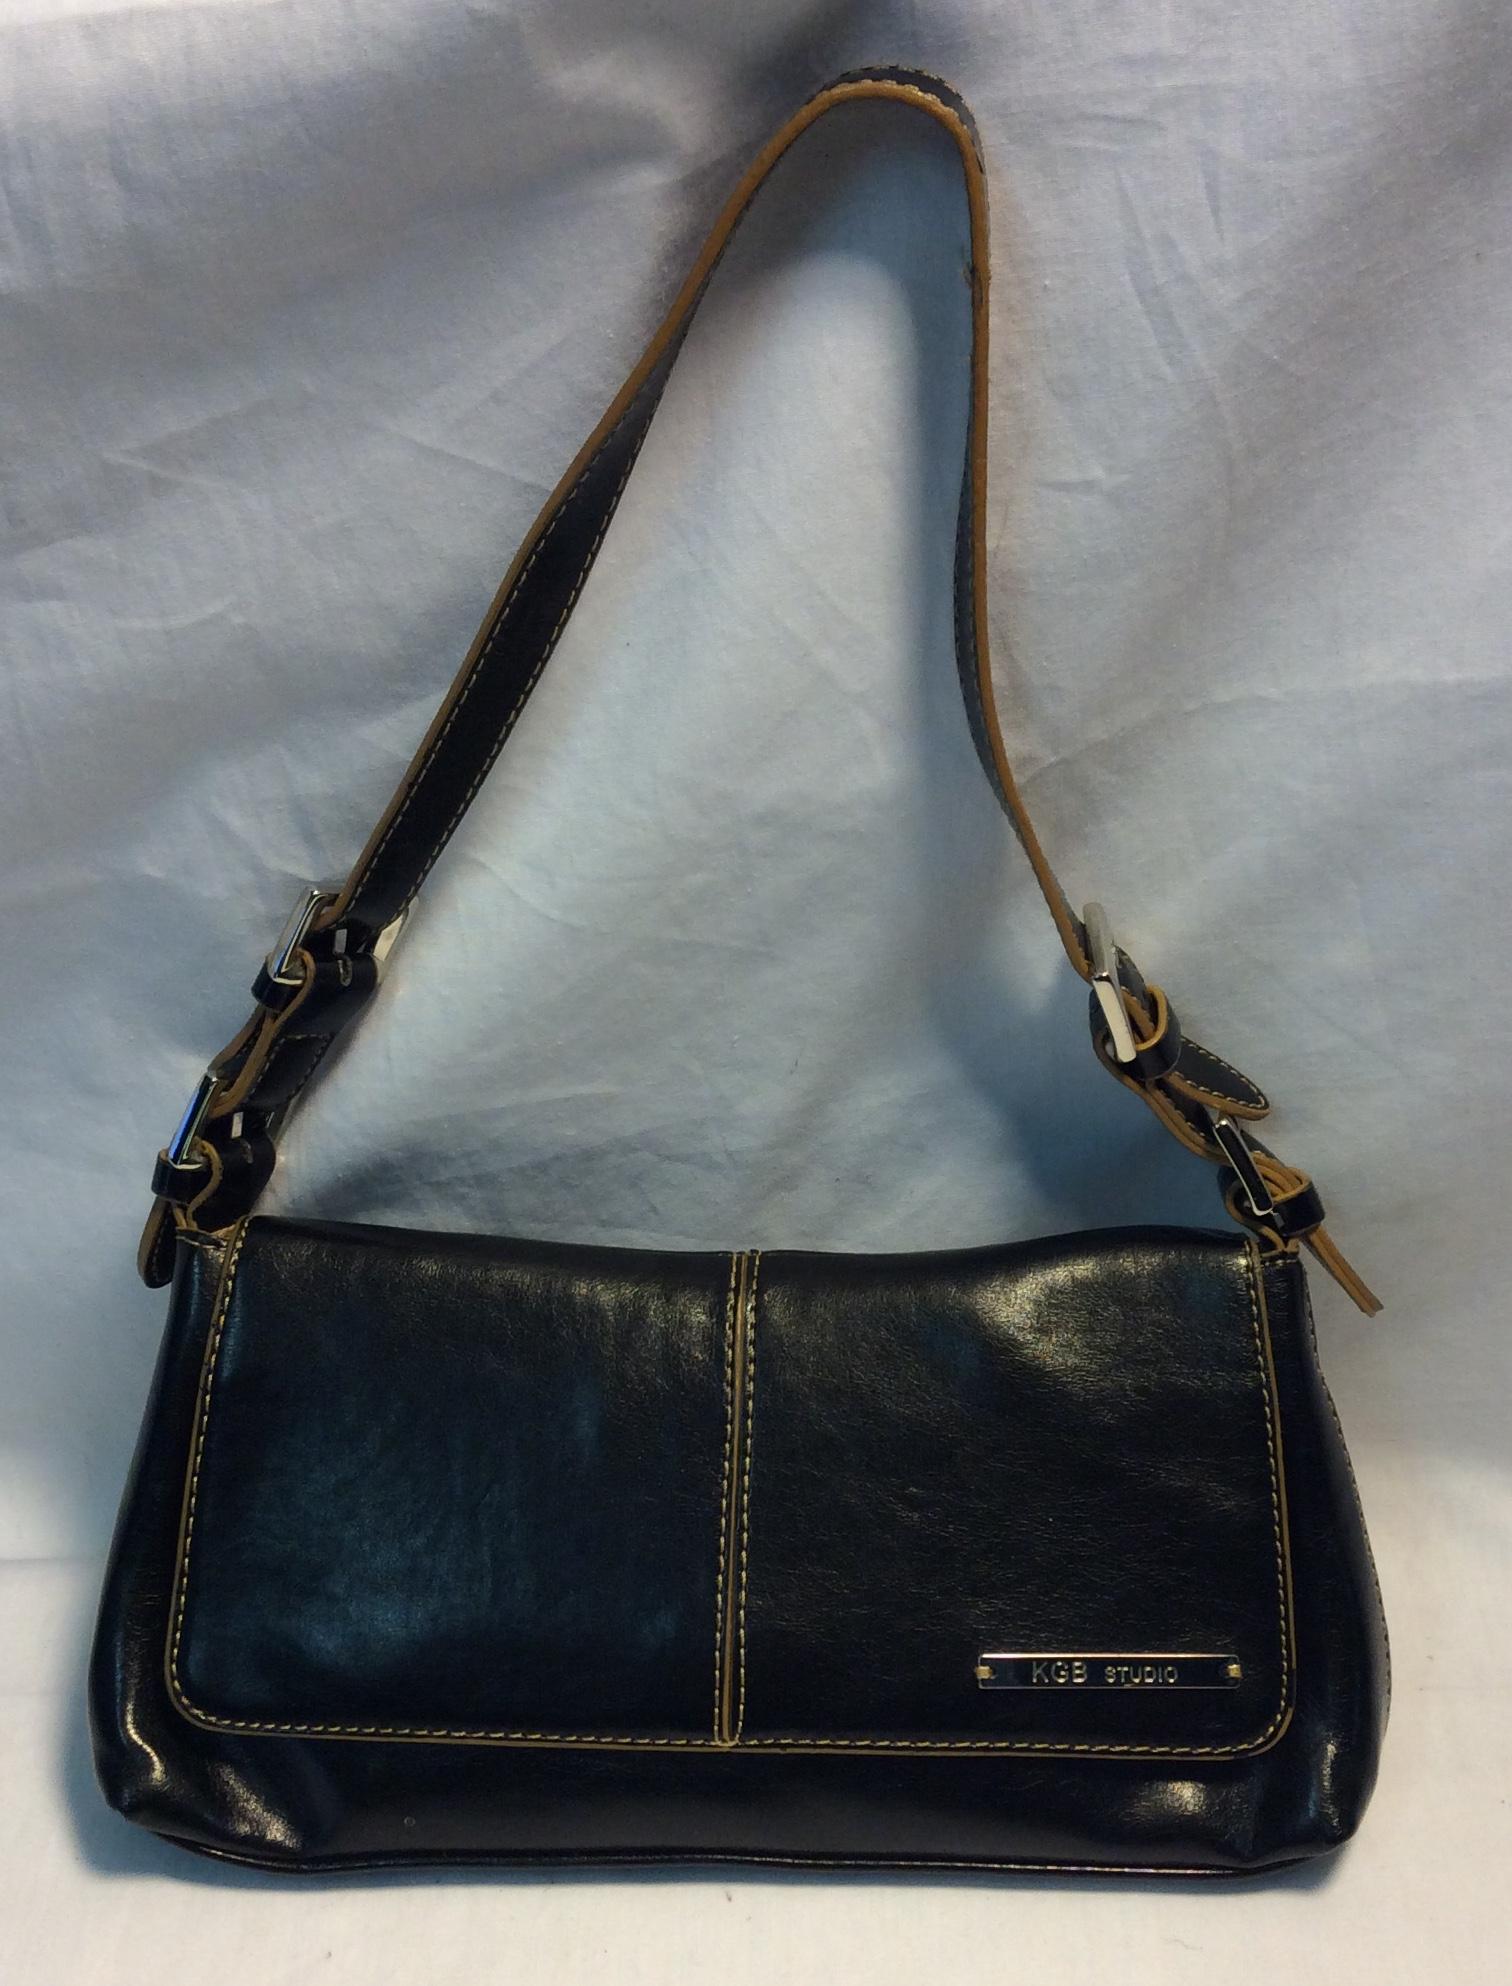 KGB Studio Small black leather purse